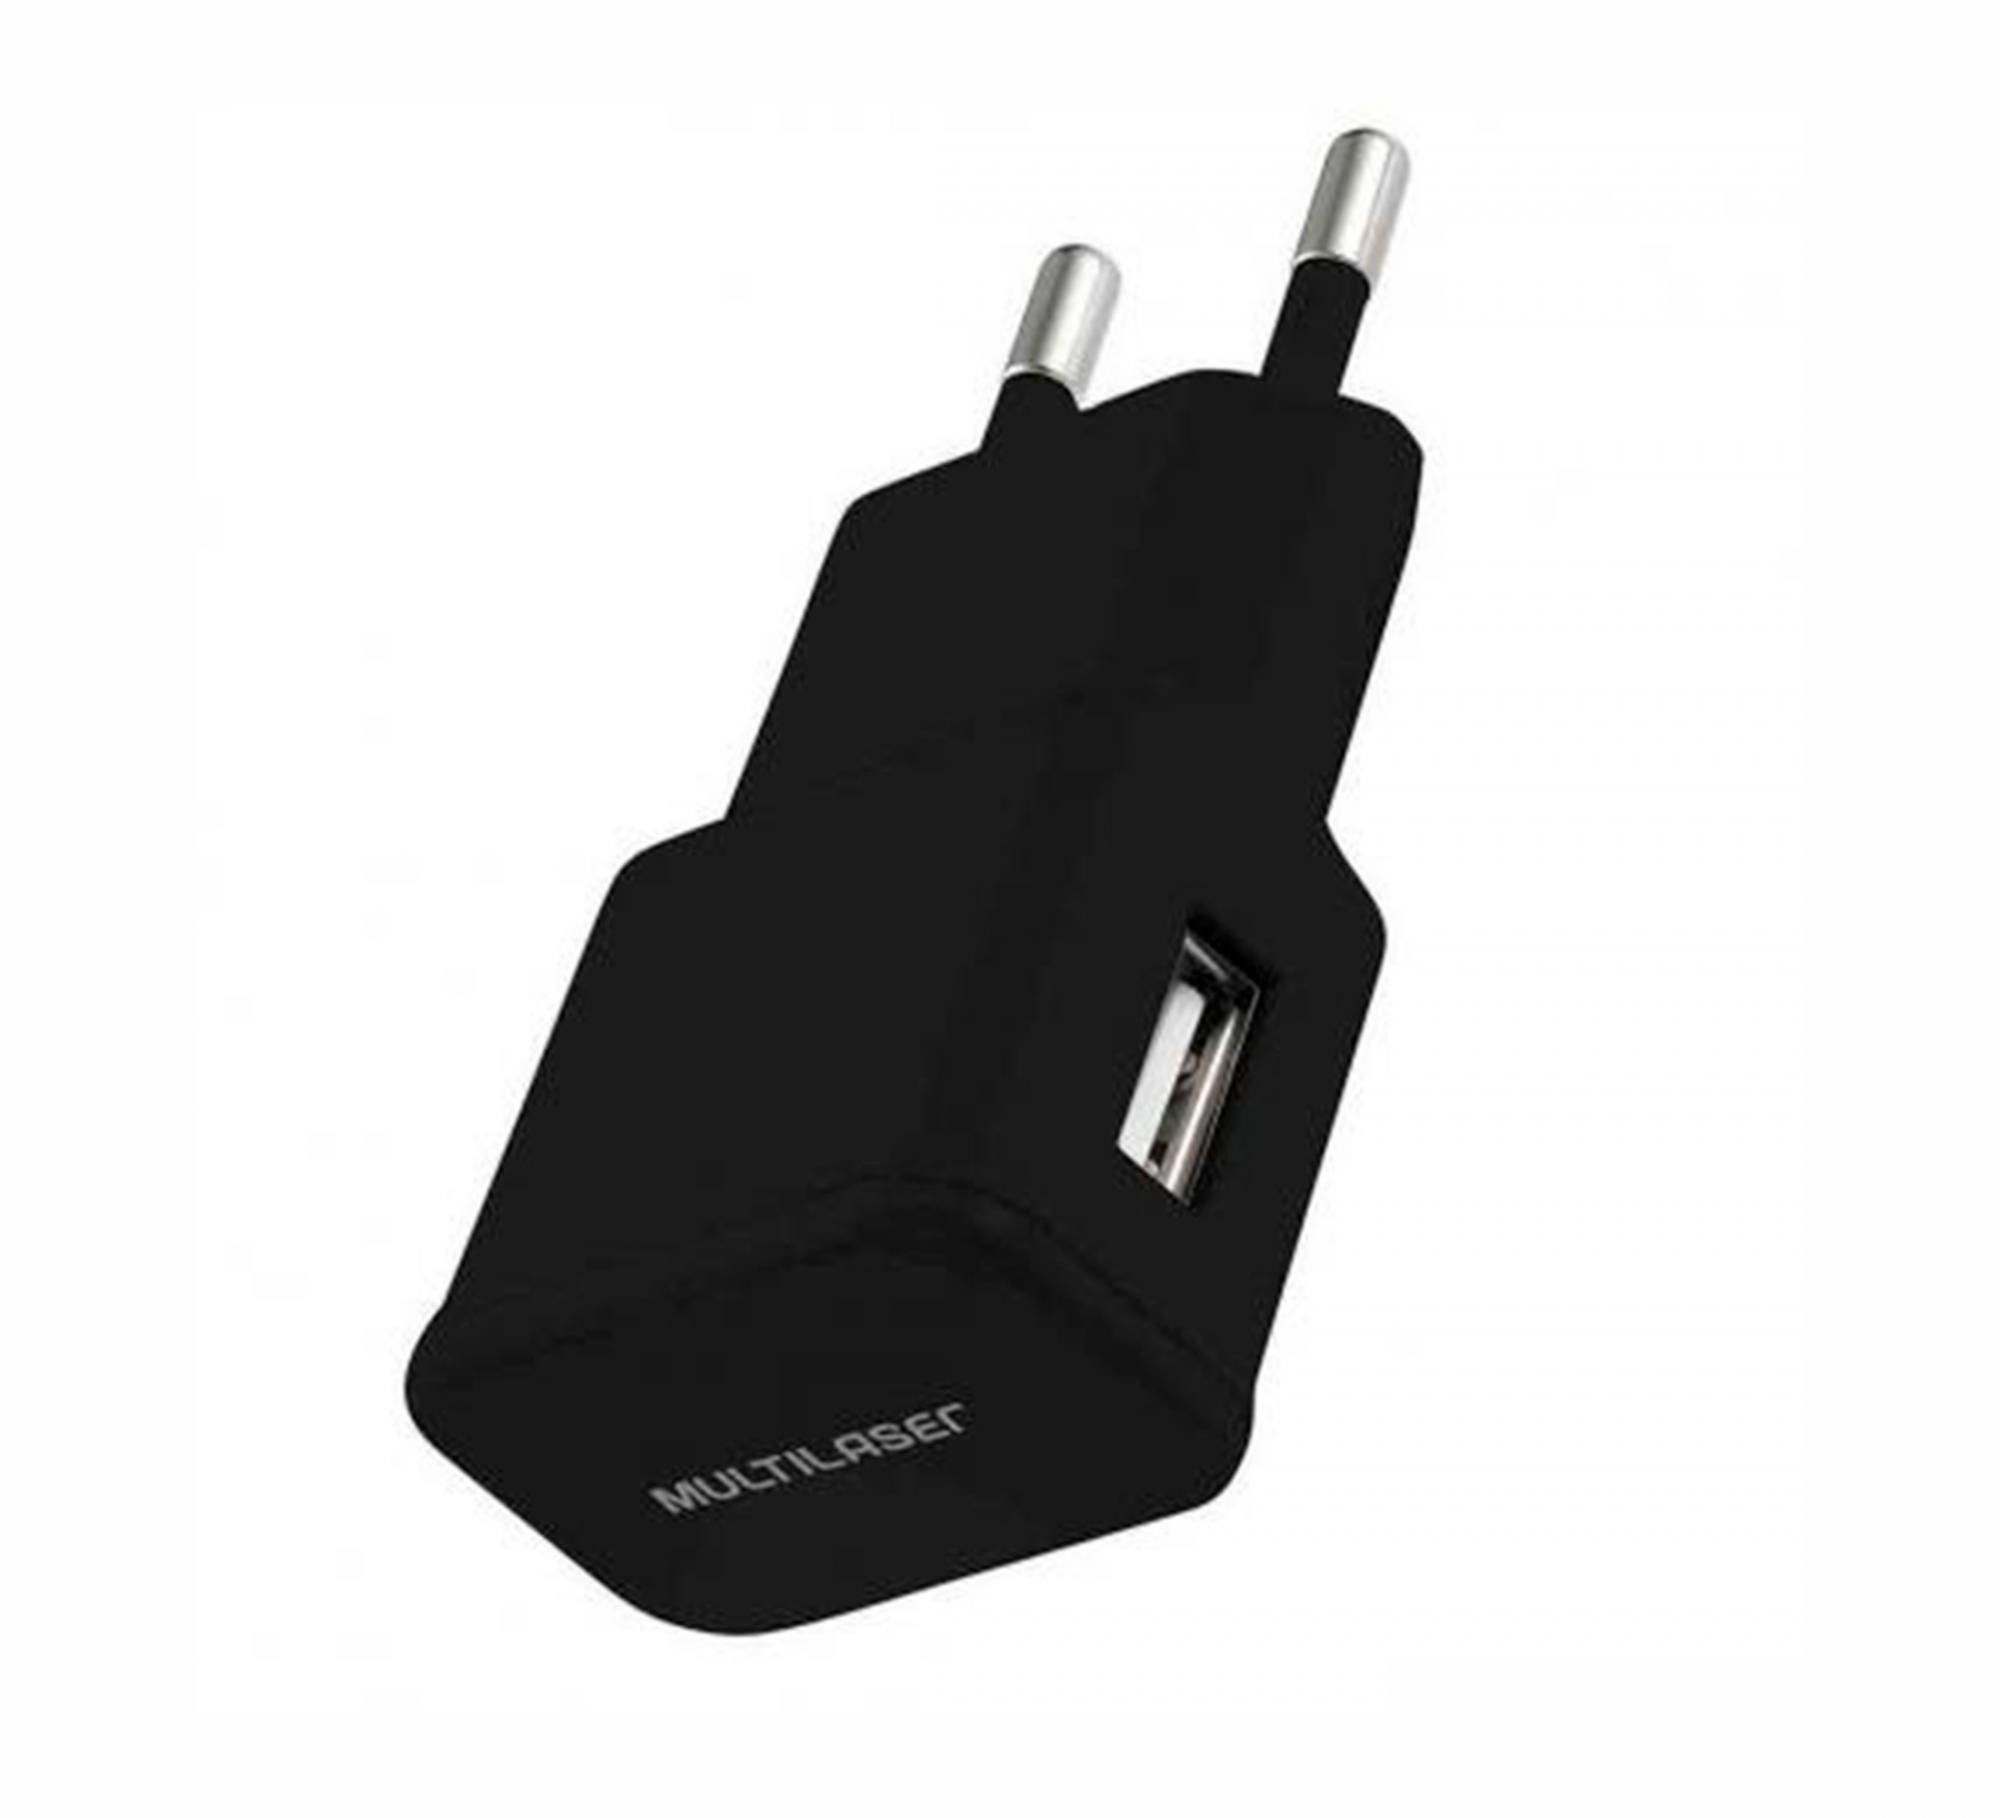 CARREGADOR USB P/ CELULAR 2A PRETO - CB104